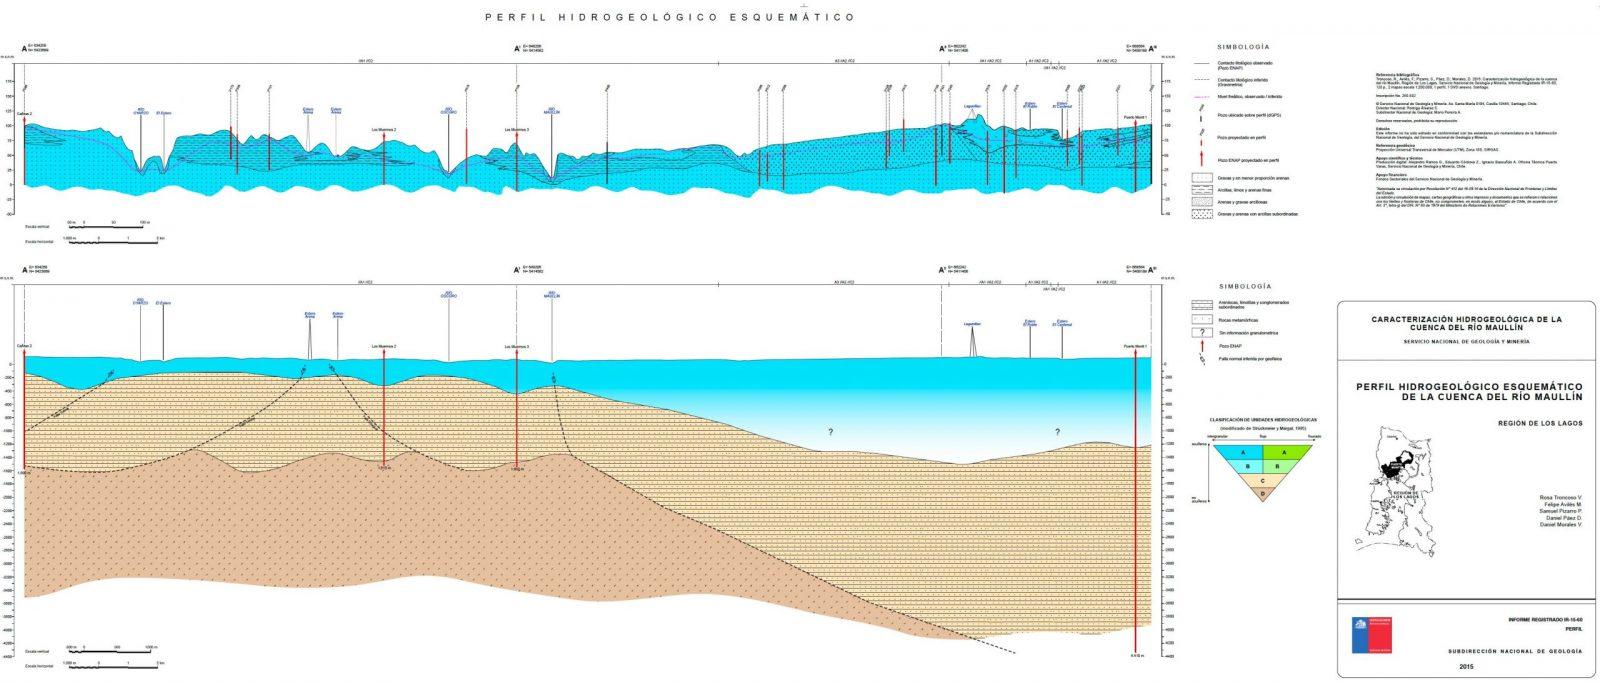 Aquaknowledge - Captura de Pantalla 2020 03 05 a las 11.31.15 scaled